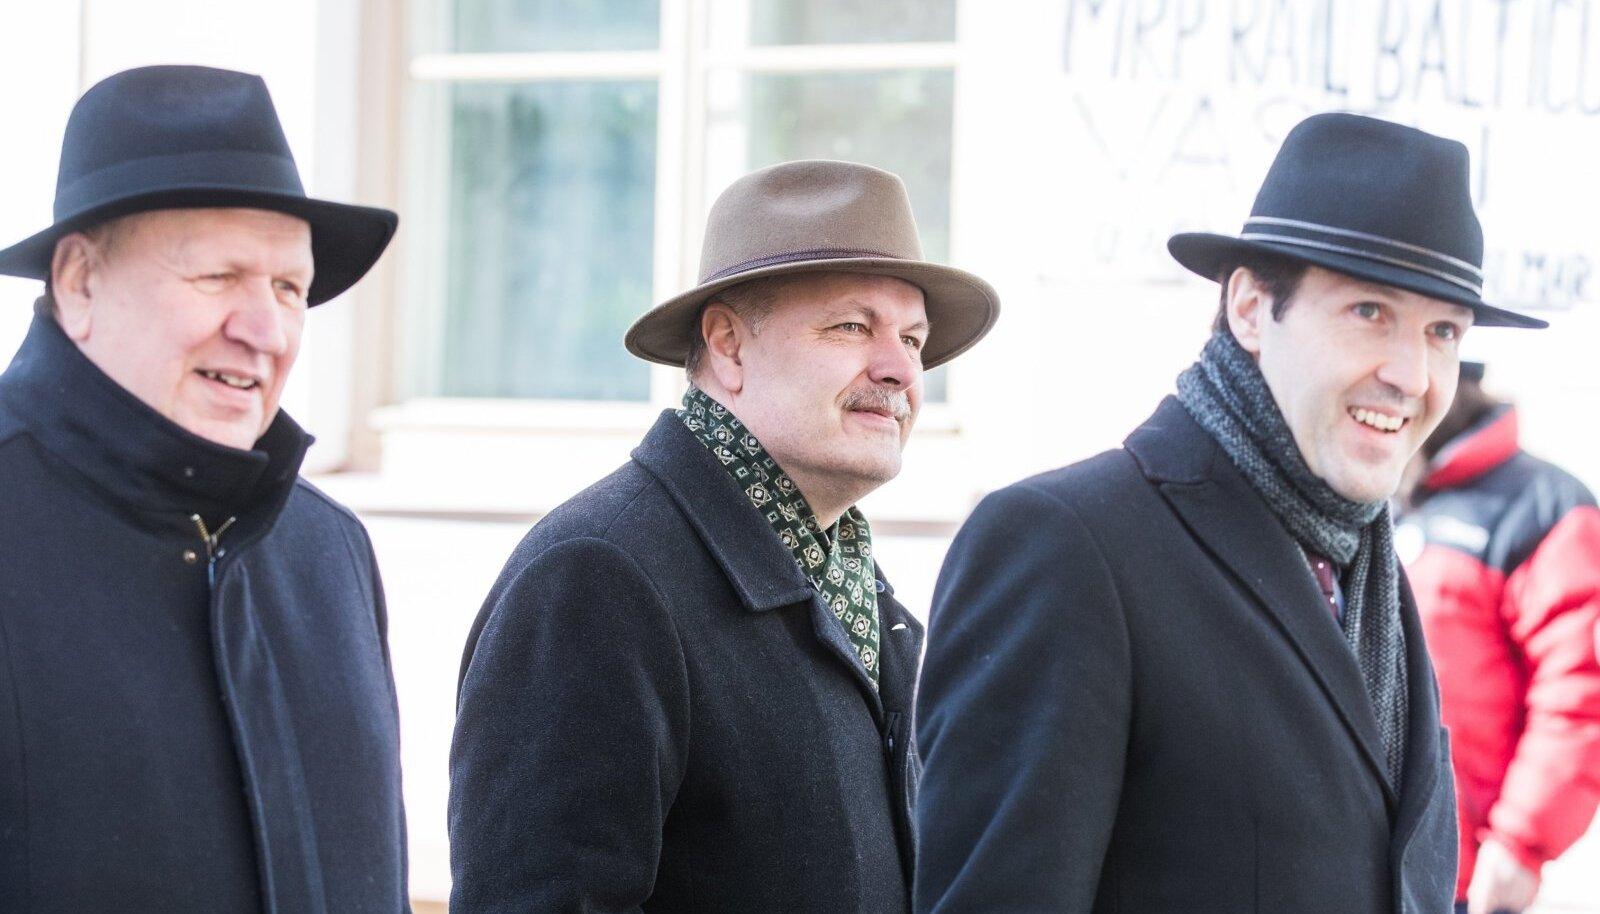 TARK OSTUKÄITUMINE: Kaabude hinnad pöörduvad varsti tõusule, õnneks on nendel meestel juba kaabud olemas.